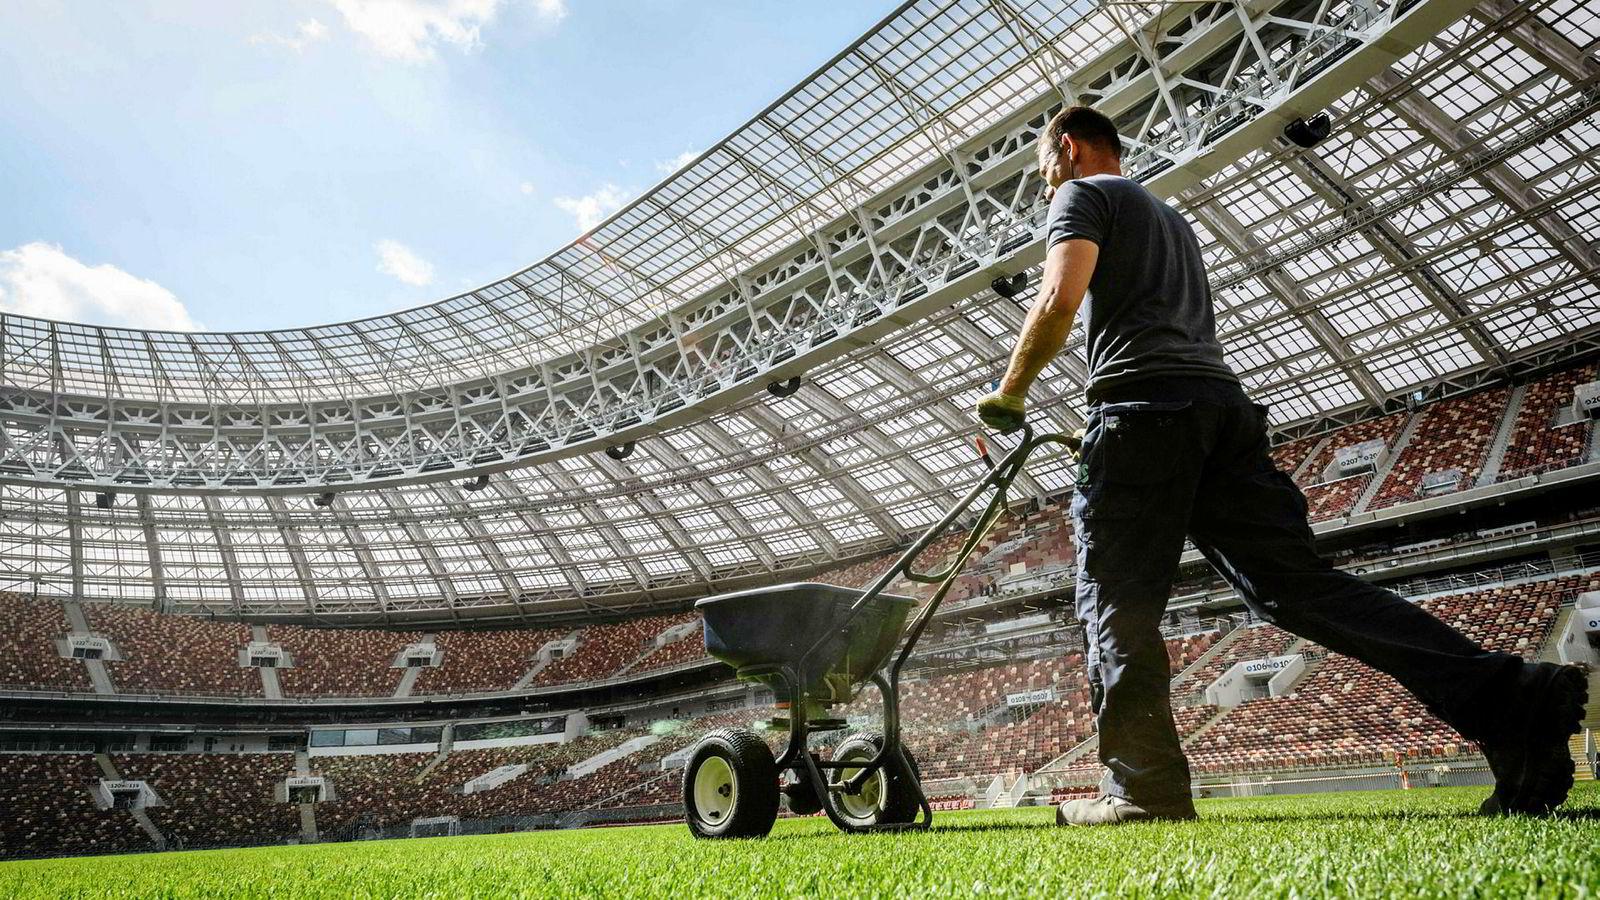 Luzjniki stadion i Moskva rommer 80.000 tilskuere. Både åpningskampen og finalen i Fotball-VM skal spilles her mellom 14. juni og 15. juli.